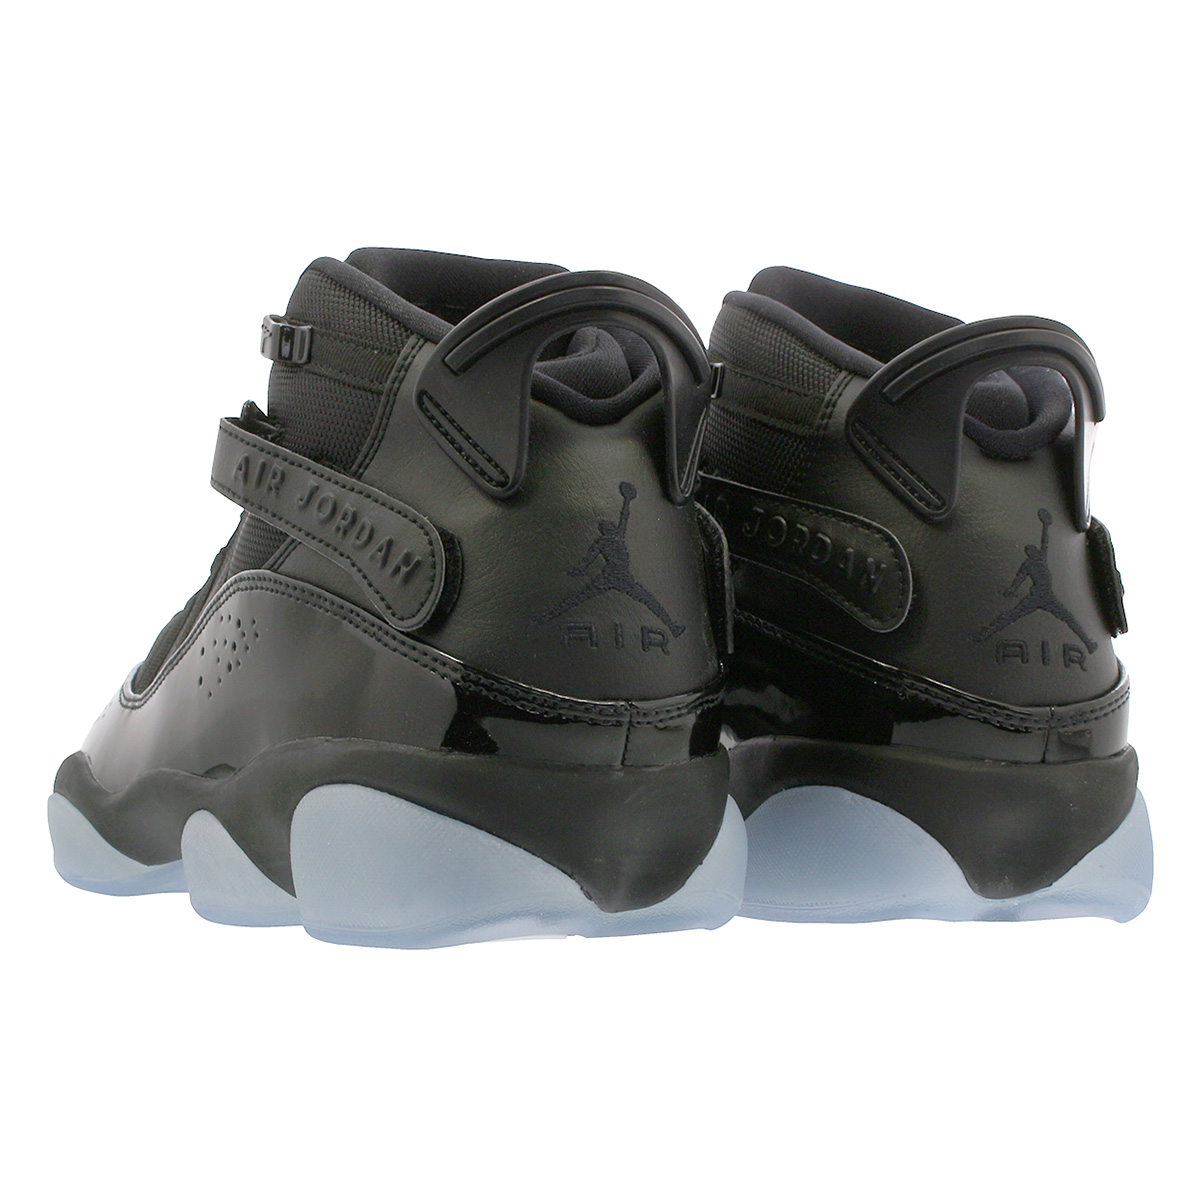 d0870fe9e5f LOWTEX PLUS: NIKE JORDAN 6 RINGS Nike Jordan 6 RINGS Co.,Ltd. BLACK ...